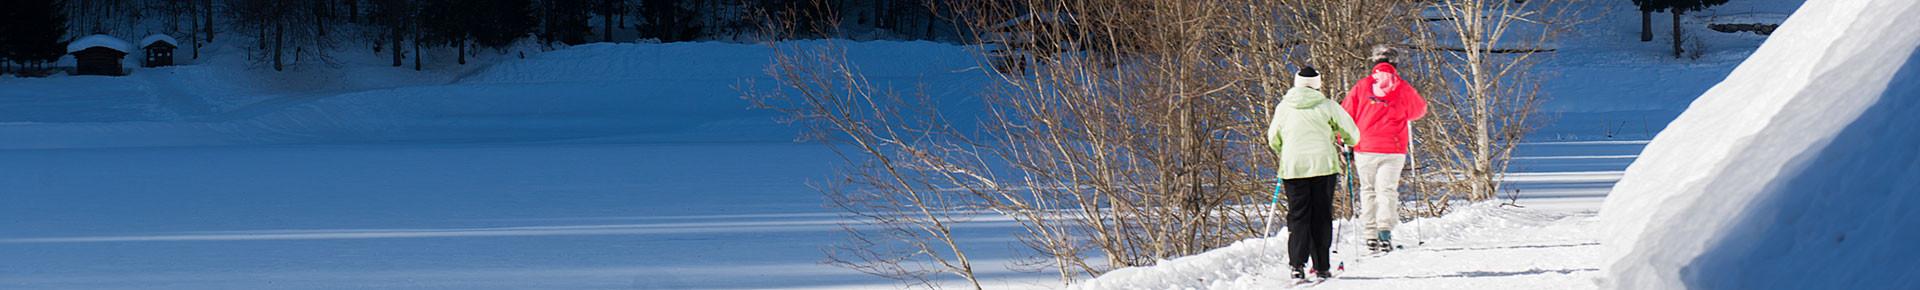 Ski-de-fond-autour-du-lac-de-montriond